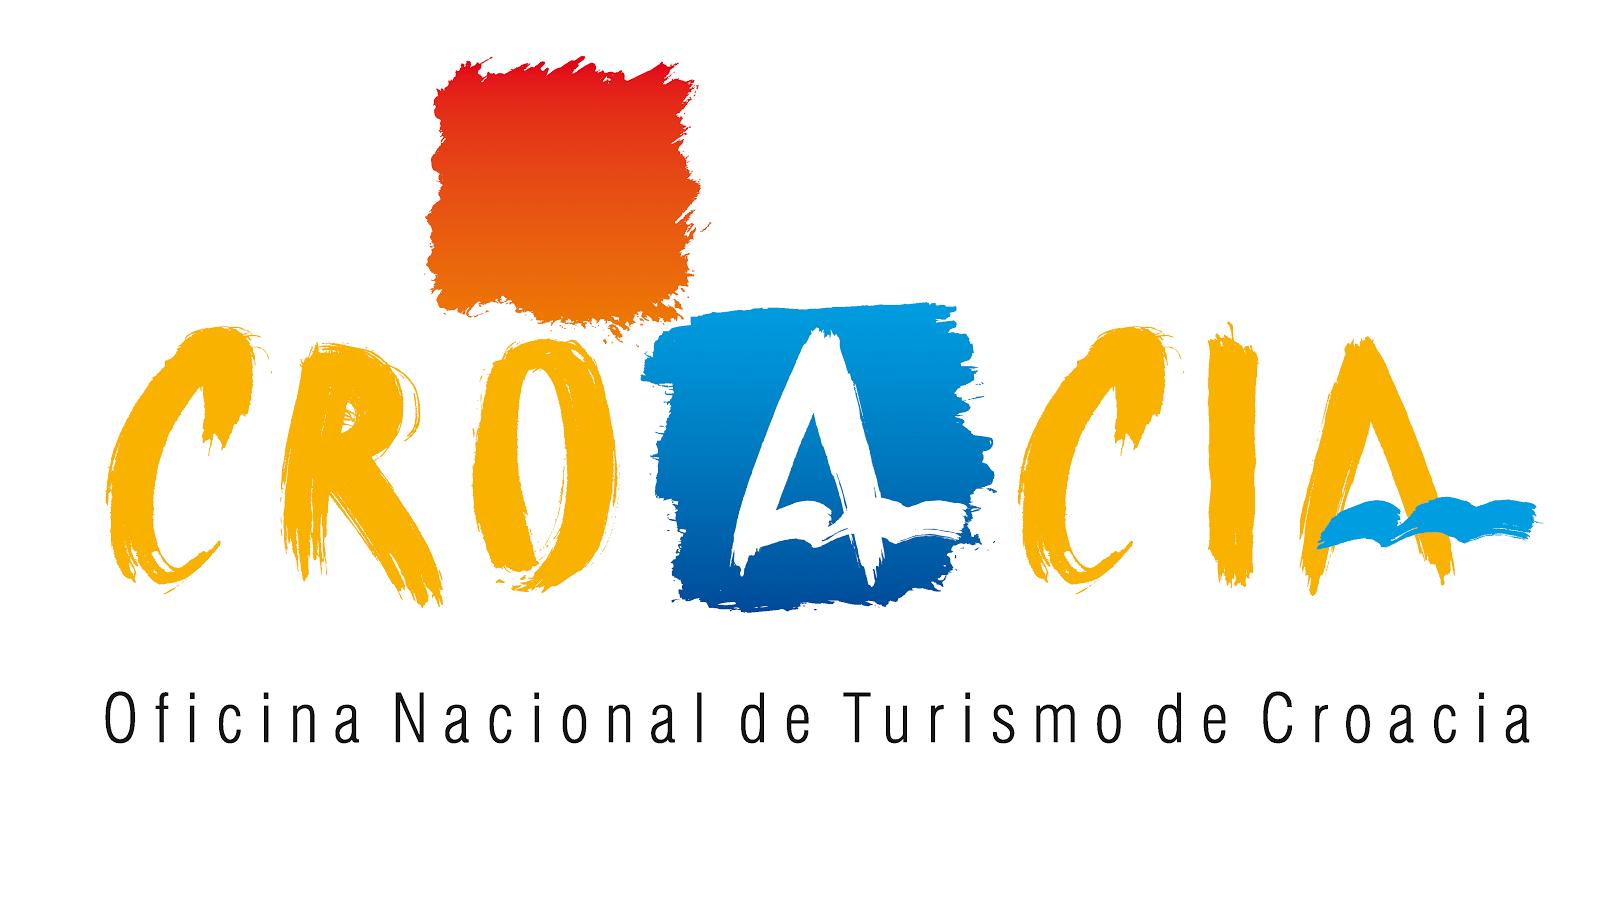 Alquiler de goletas alquiler de goletas en turqu a alquiler de goletas en croacia - Oficina de turismo de barcelona ...